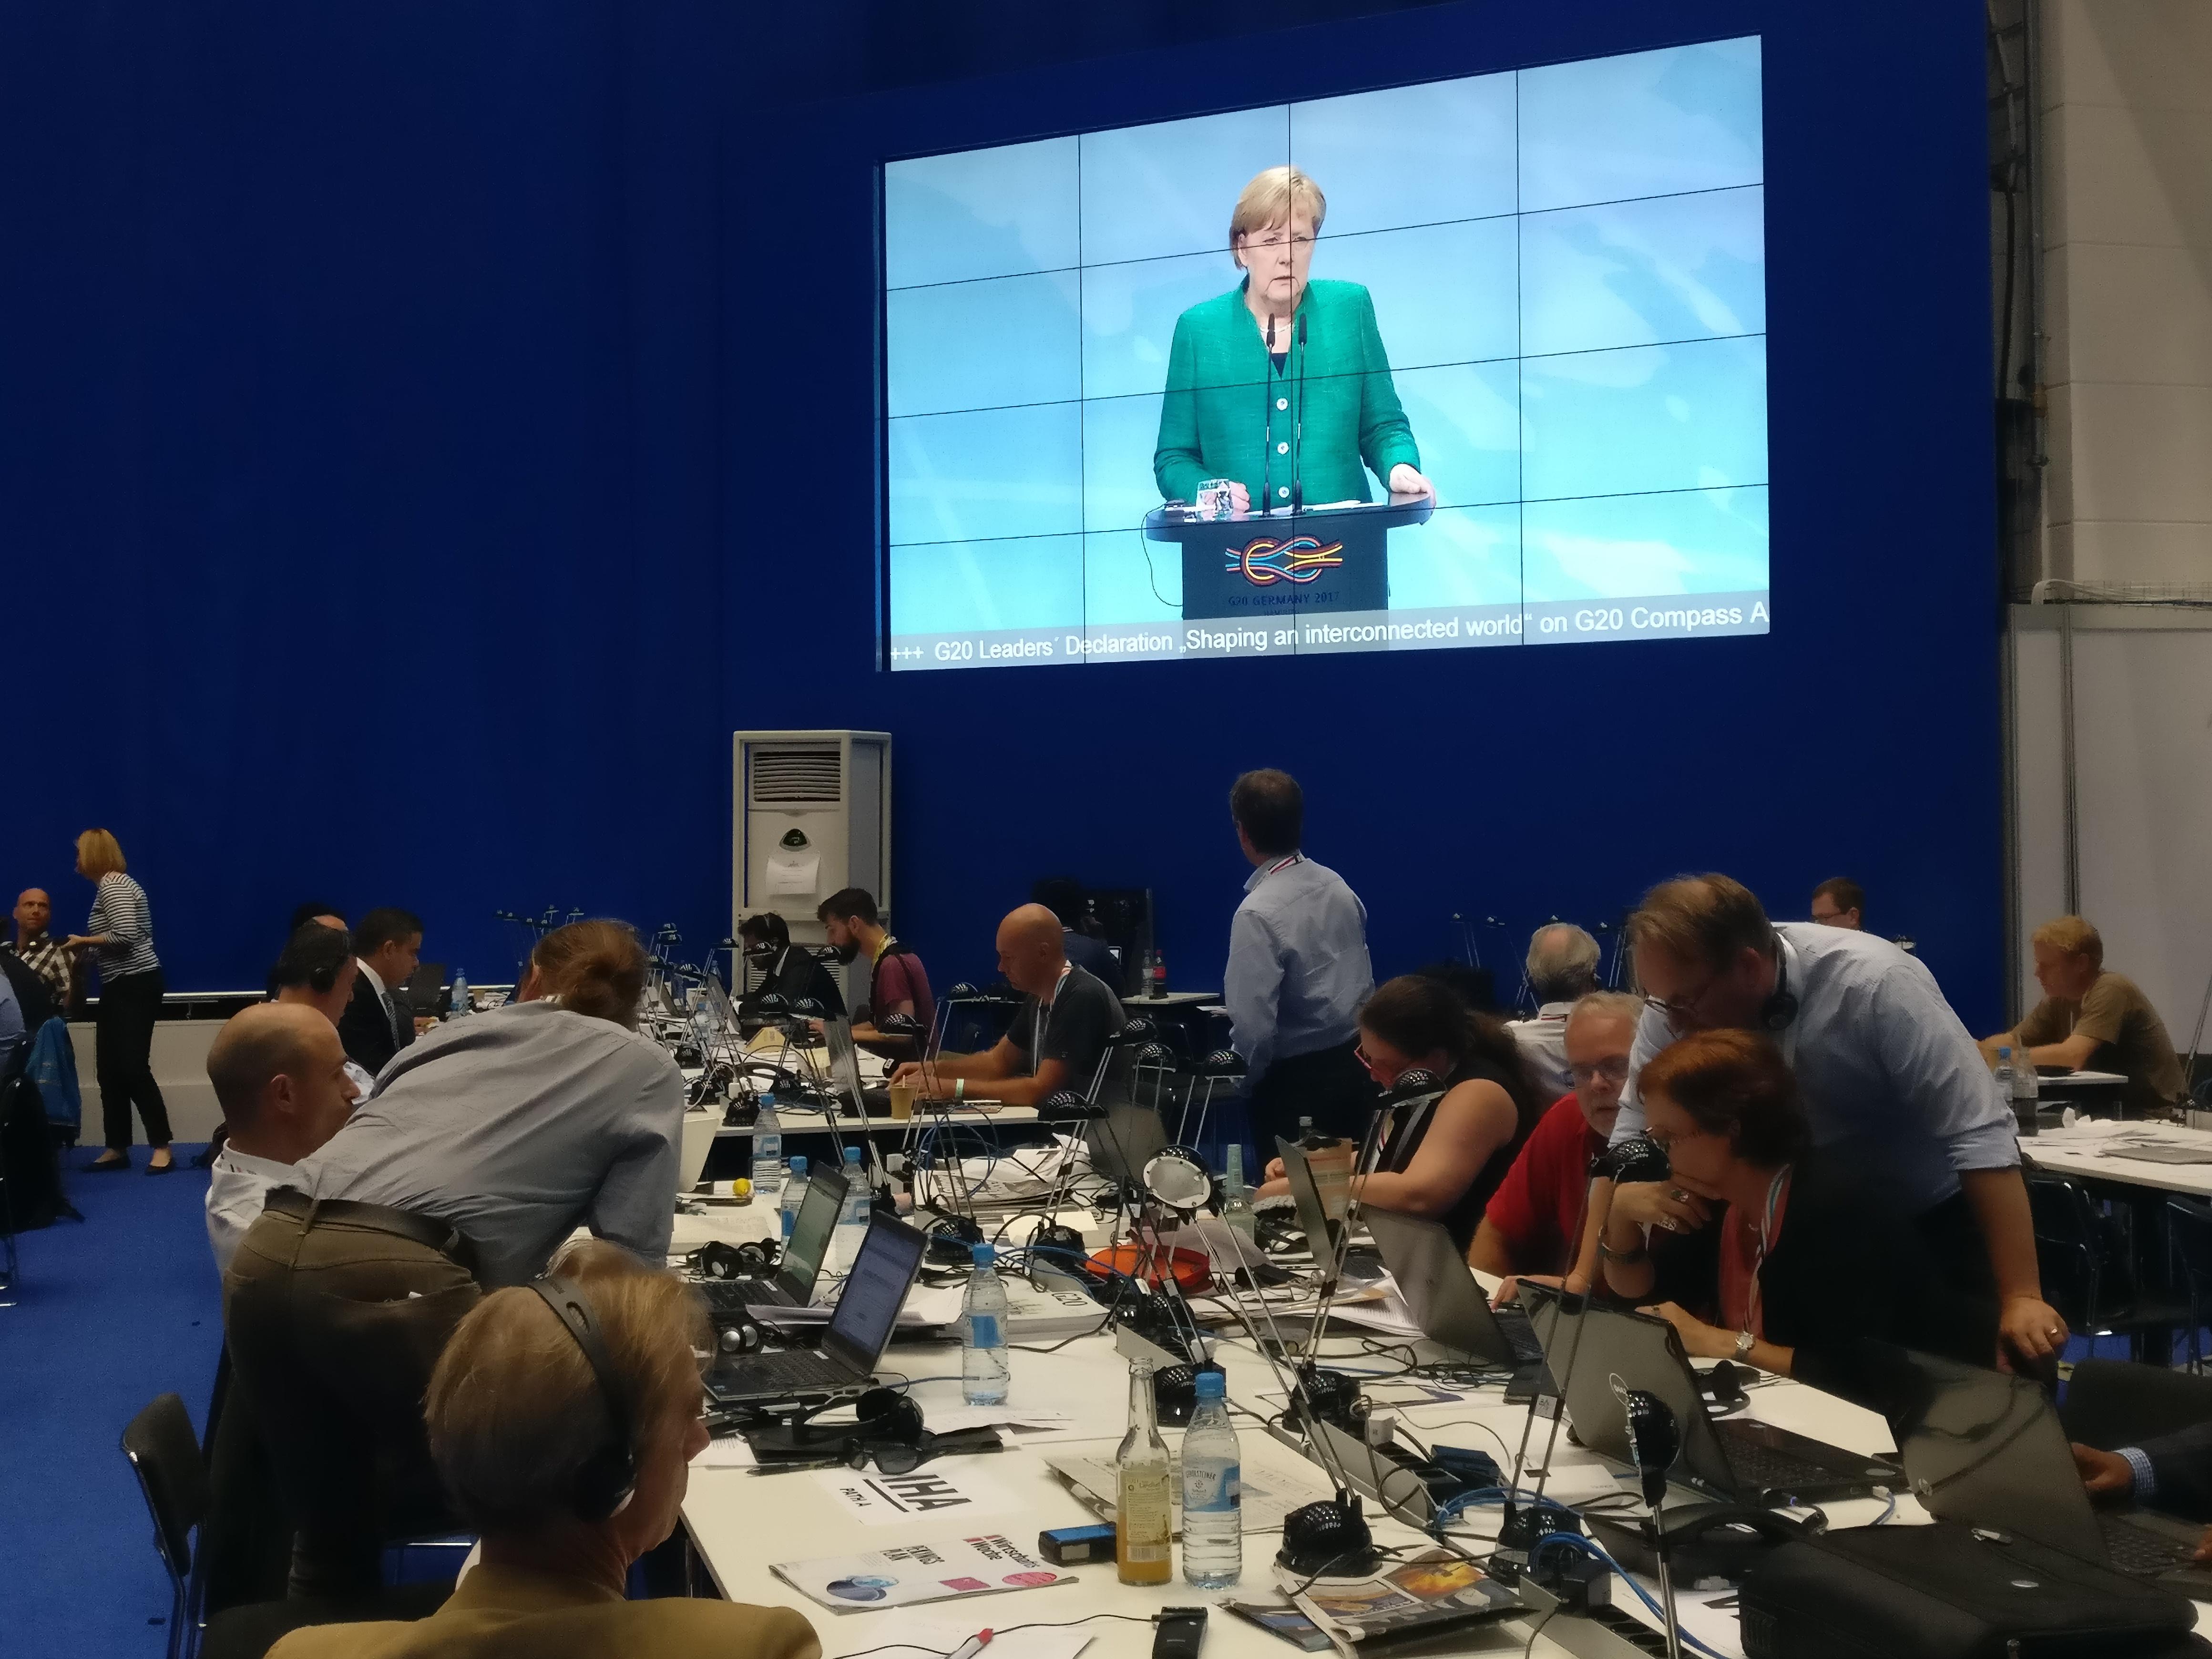 默克尔:G20汉堡峰会未能就气候变化《巴黎协定》达成一致